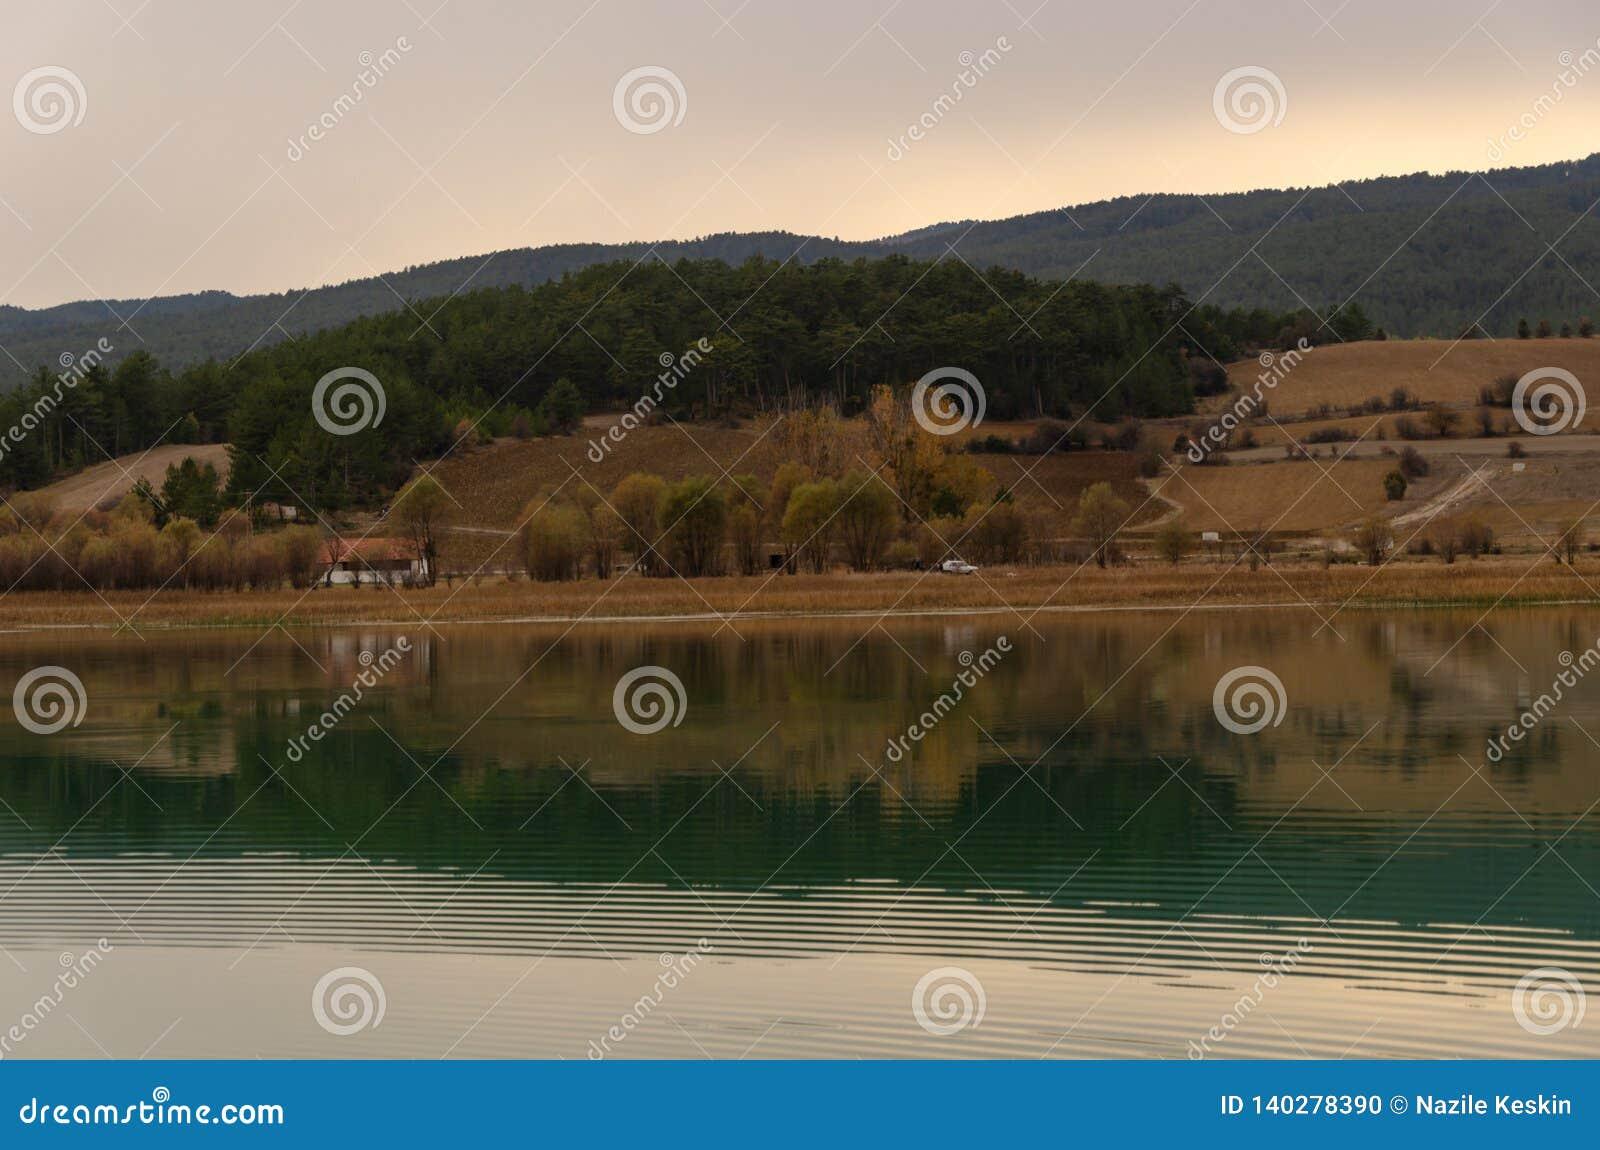 Petite maison blanche avec une belle réflexion sur le lac devant lui